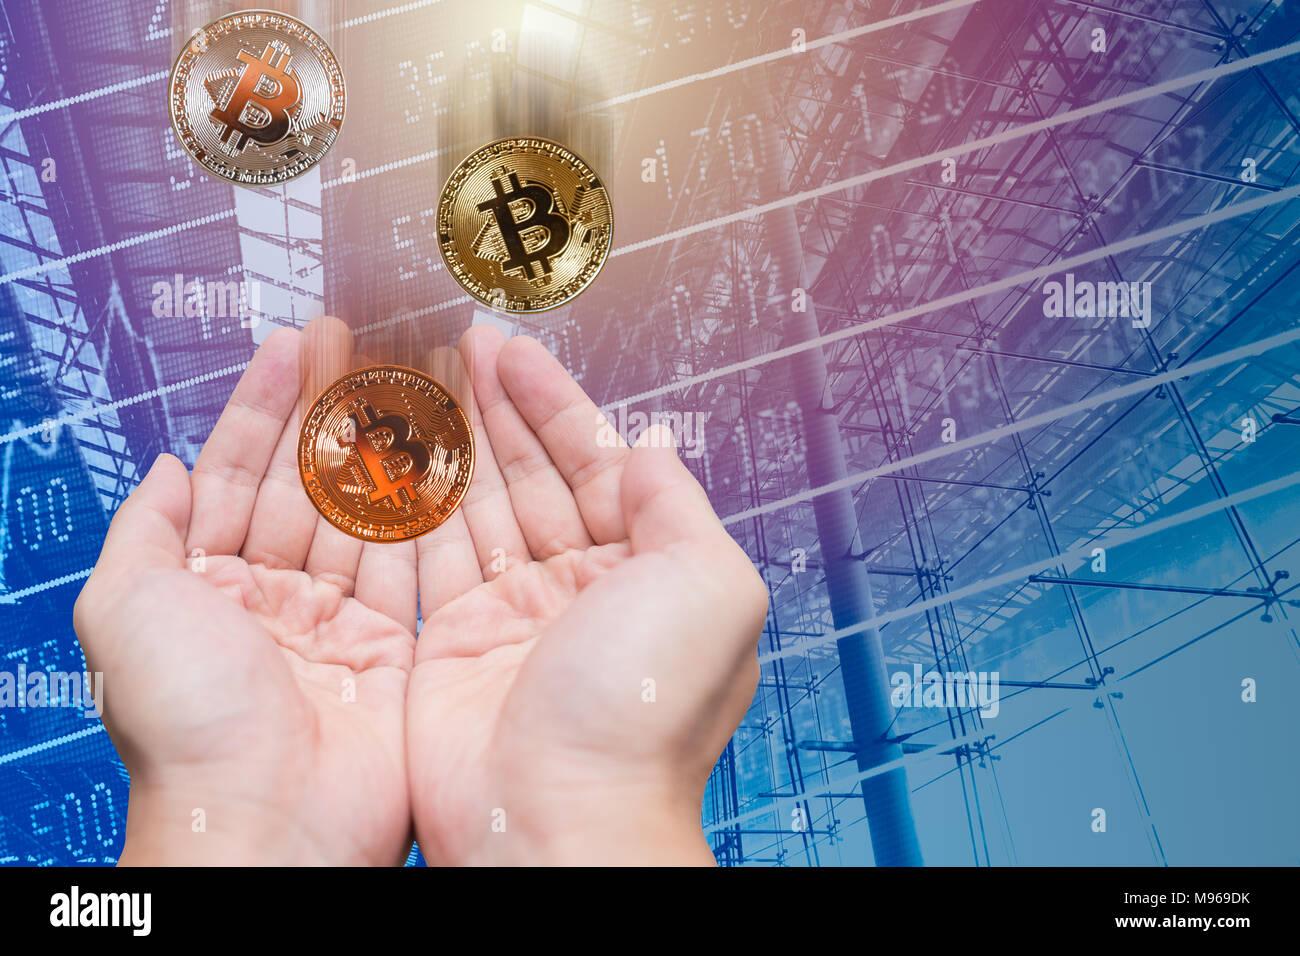 Agarrar y mantener los beneficios de precio cryptocurrency digital bitcoin con ICO Imagen De Stock